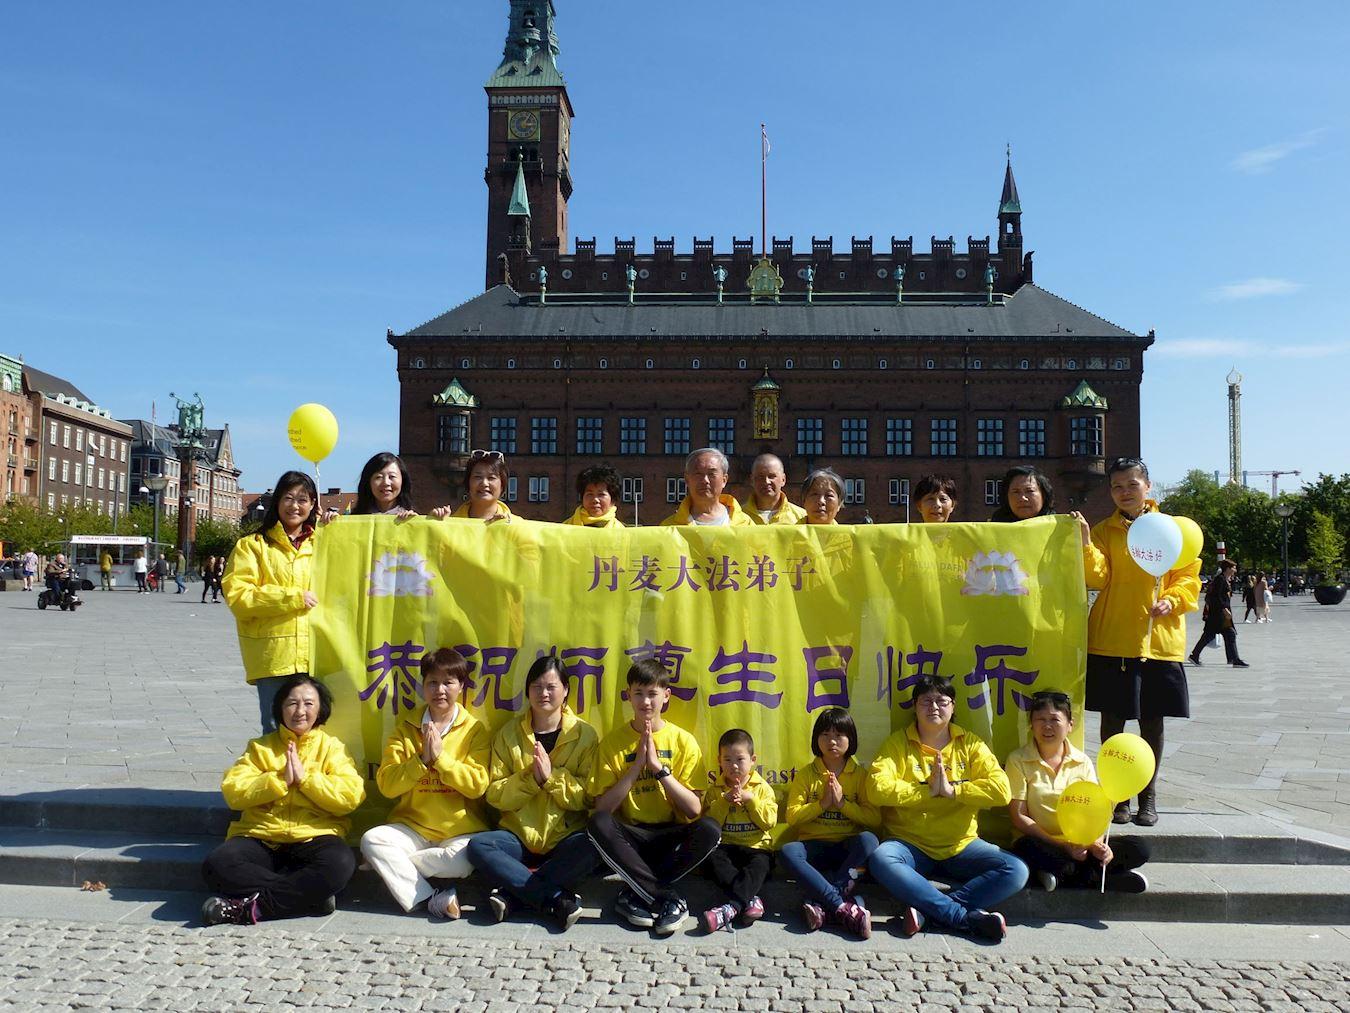 2020年5月9日,丹麥部份法輪功學員在哥本哈根市政廳廣場慶祝世界法輪大法日並恭祝李洪志師父生日快樂。(明慧網)